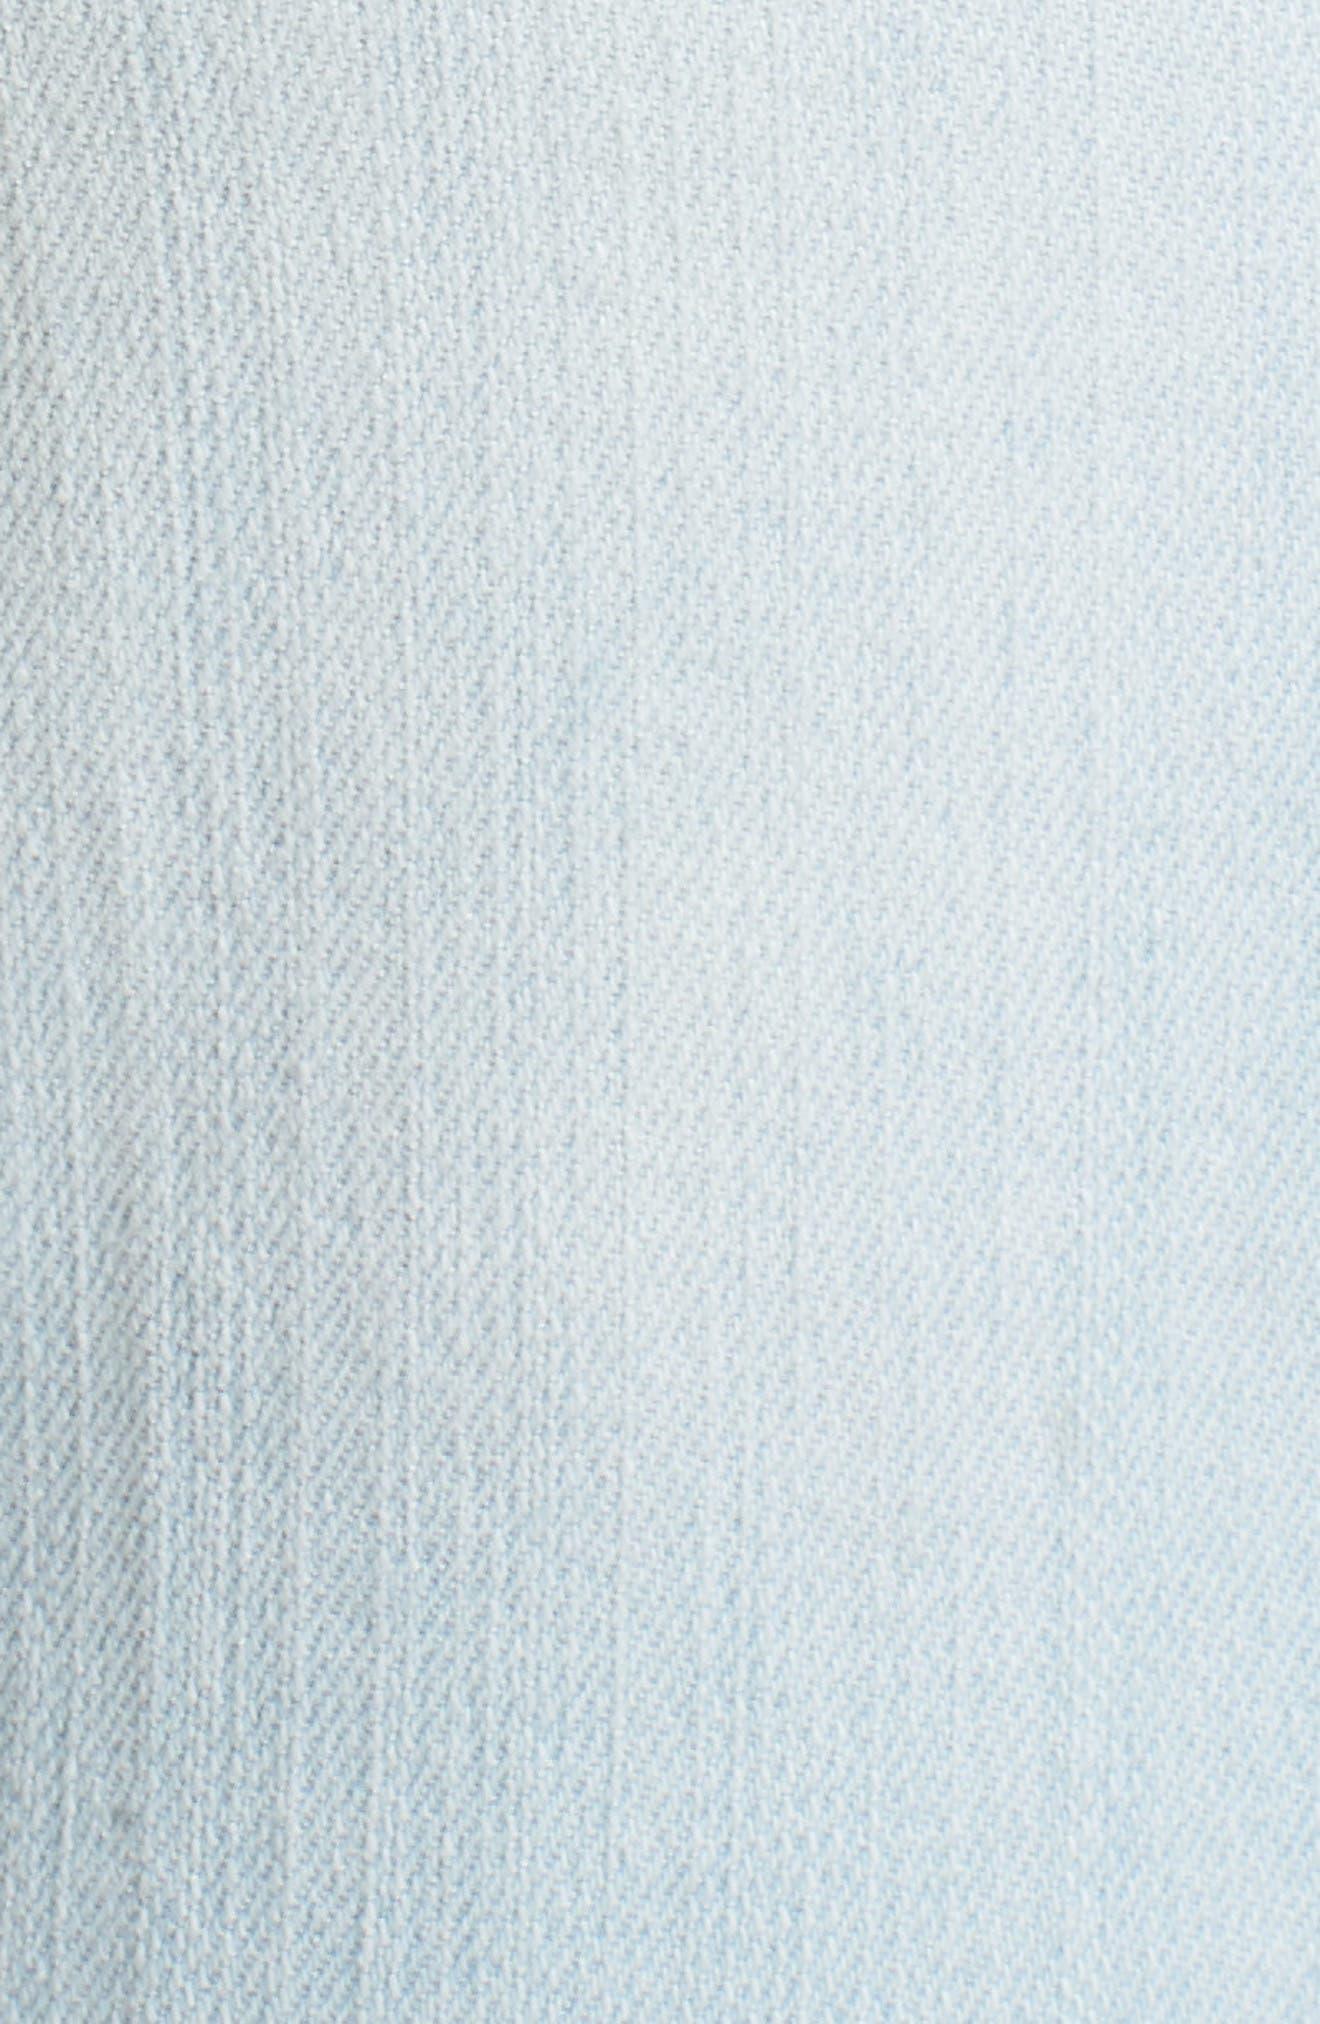 Flex-ellent Distressed Boyfriend Jeans,                             Alternate thumbnail 6, color,                             Light Blue